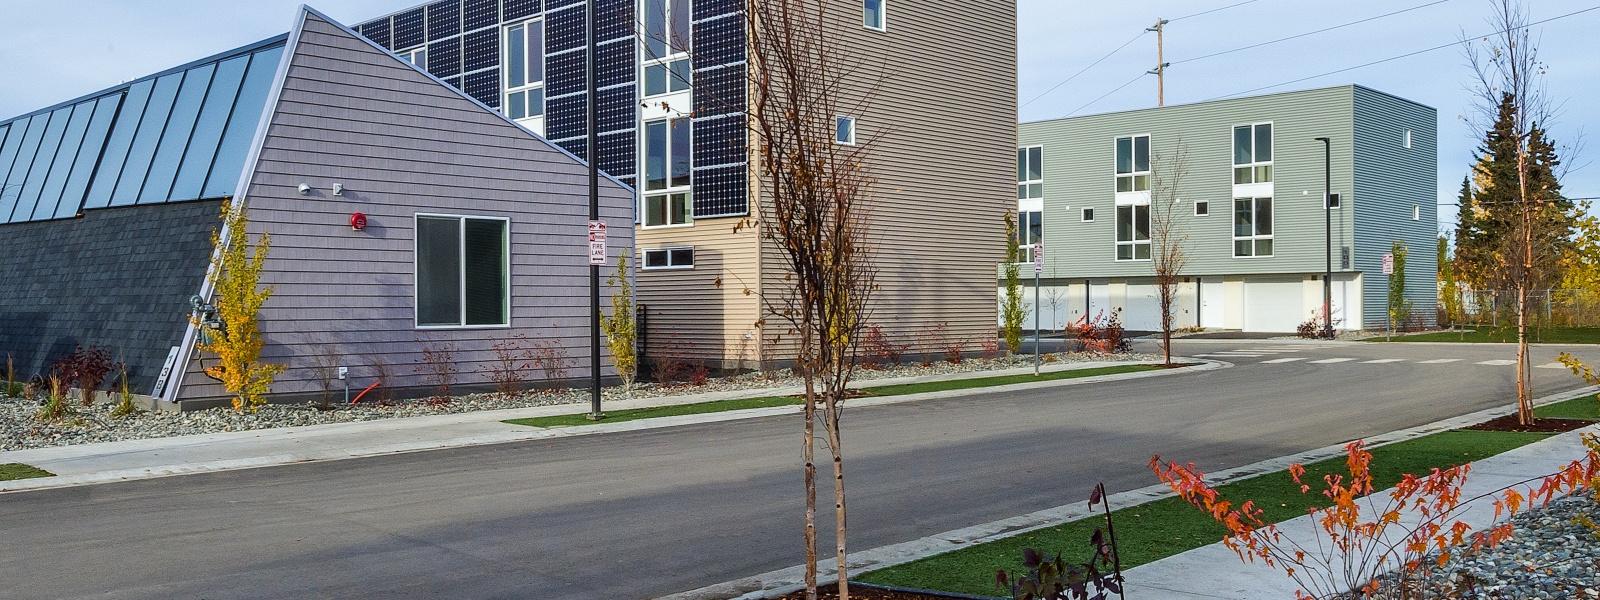 185 Ridgeline Loop, Anchorage, Alaska, 99501, 1 Bedroom Bedrooms, ,1 BathroomBathrooms,Townhome,For Rent,Ridgeline Loop,1032